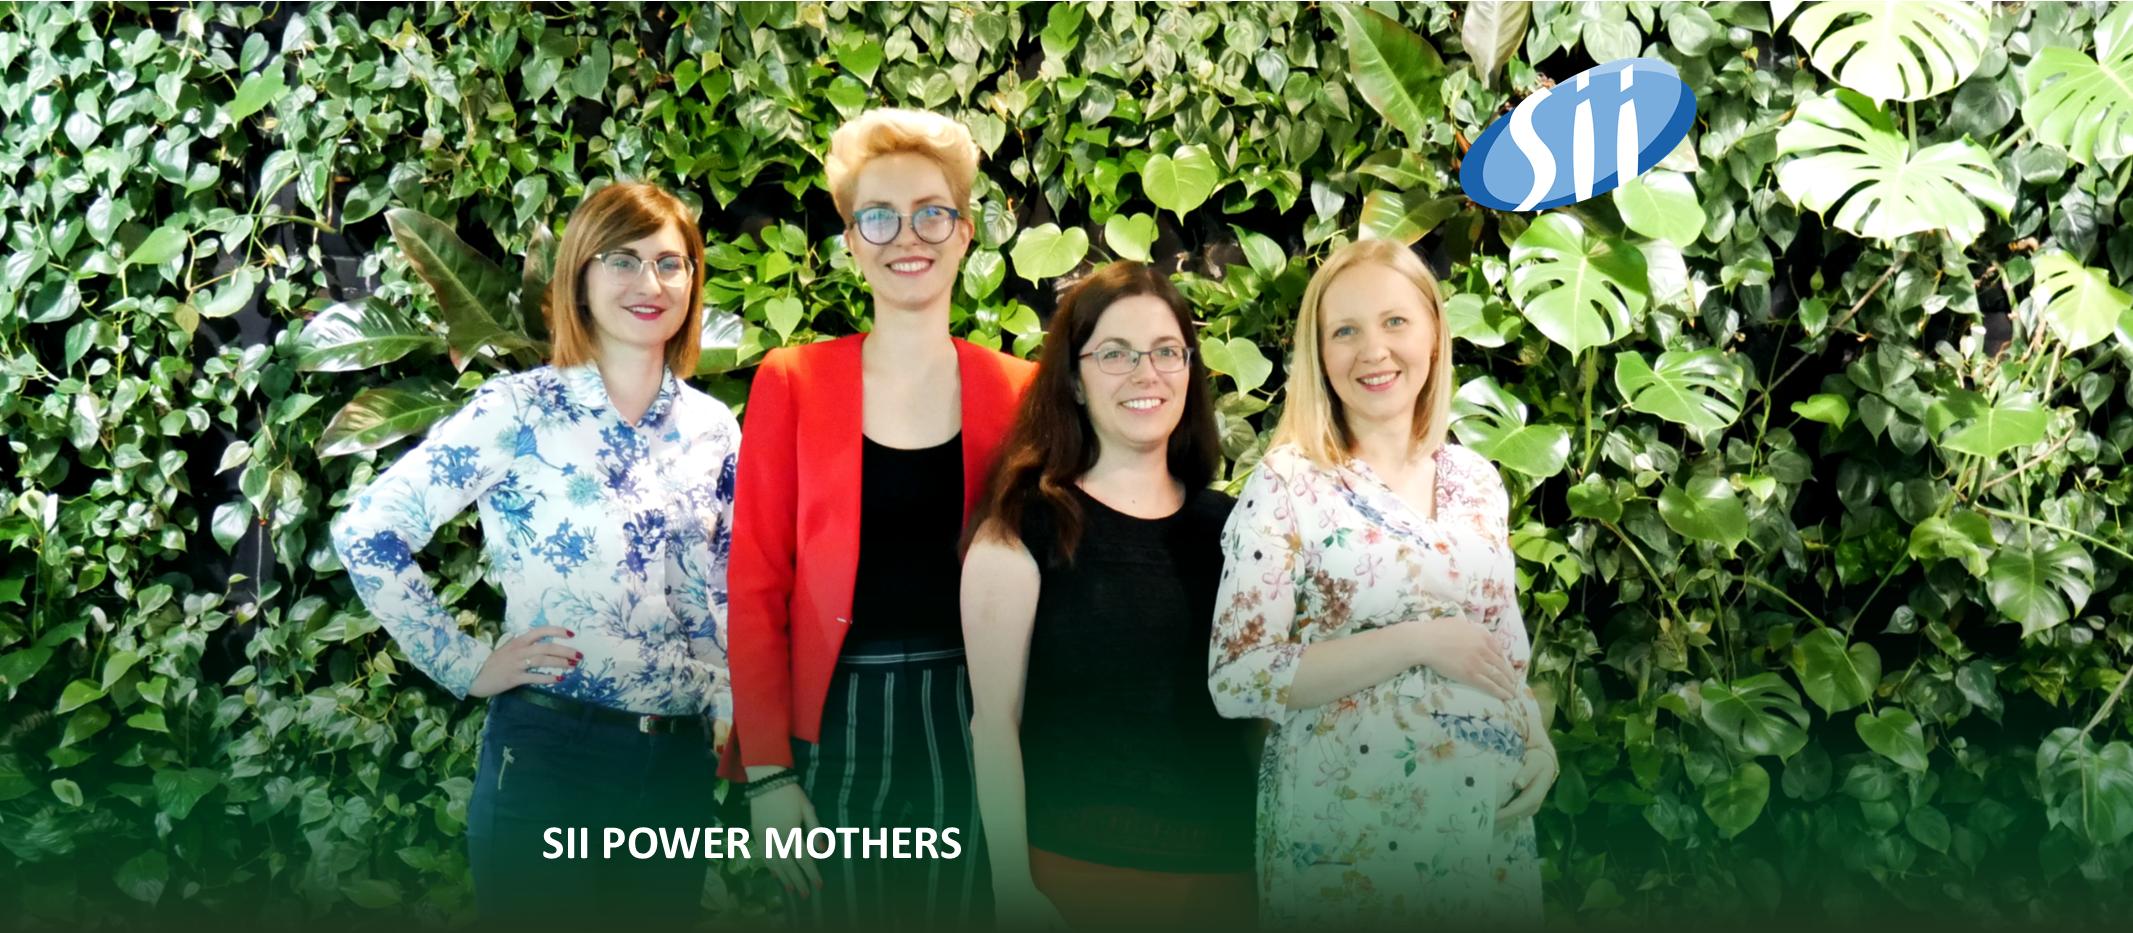 Dlaczego mamy są ważne i co ważne jest dla mam – Sii oczami kobiet łączących rolę matki i profesjonalistki